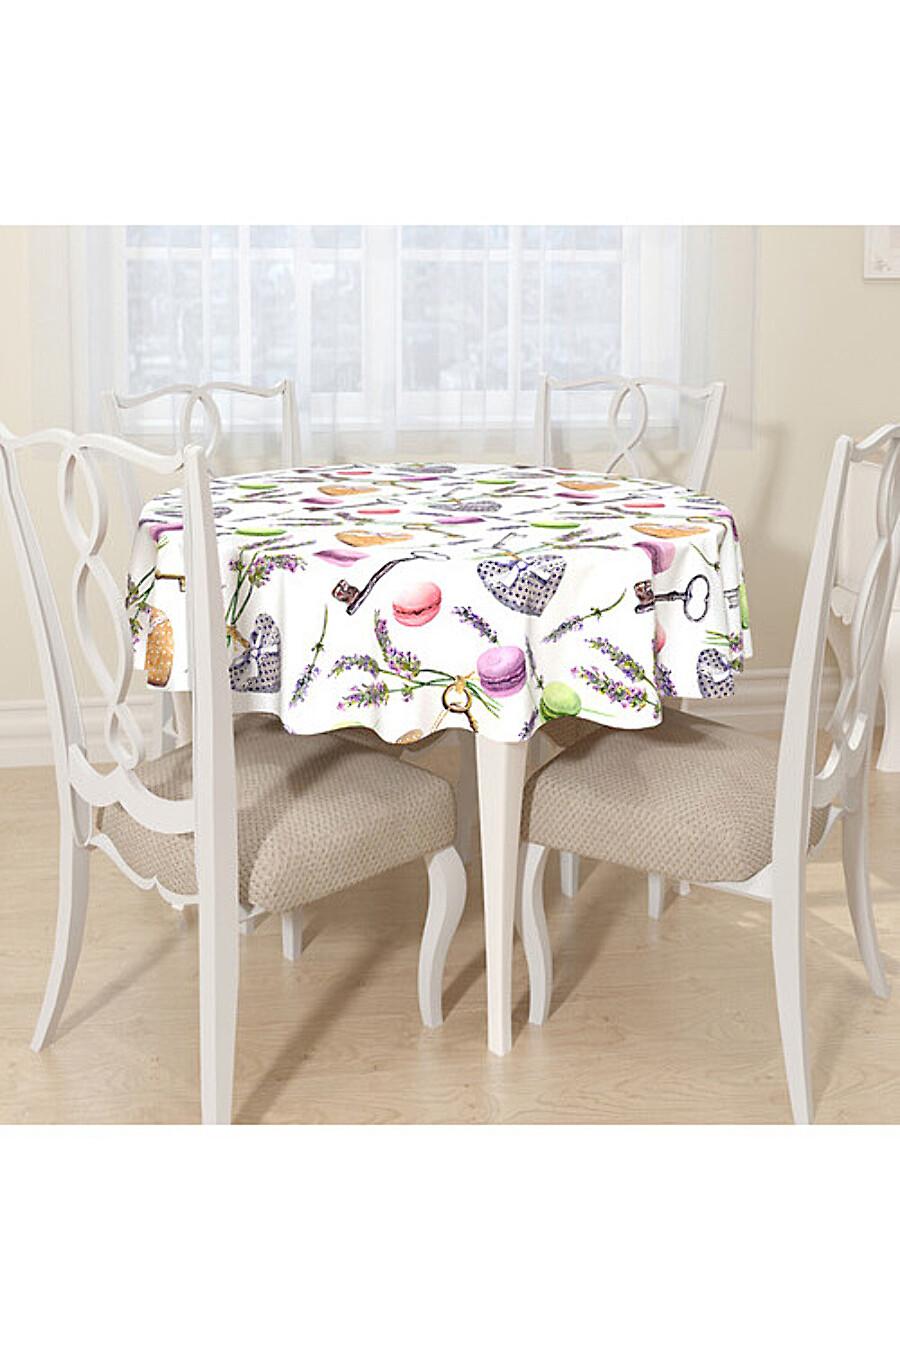 Скатерть для дома ART HOME TEXTILE 180253 купить оптом от производителя. Совместная покупка товаров для дома в OptMoyo